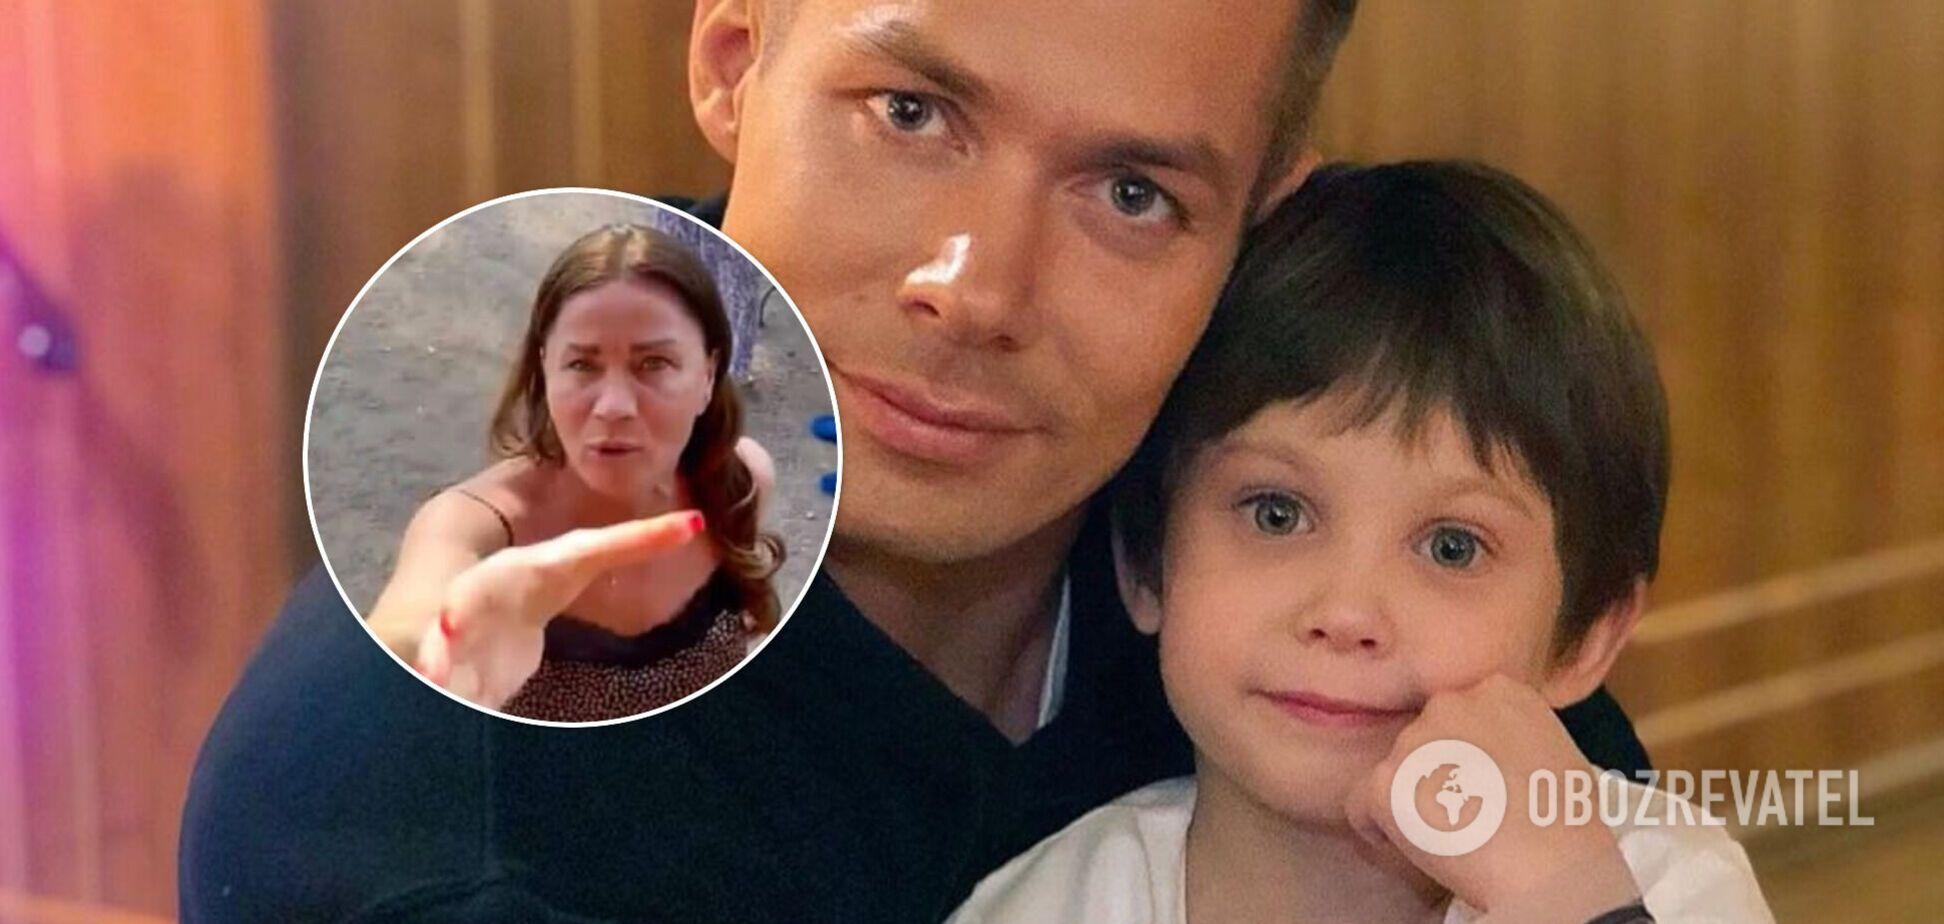 7-летний сын Стаса Пьехи попал в больницу после жестокого избиения